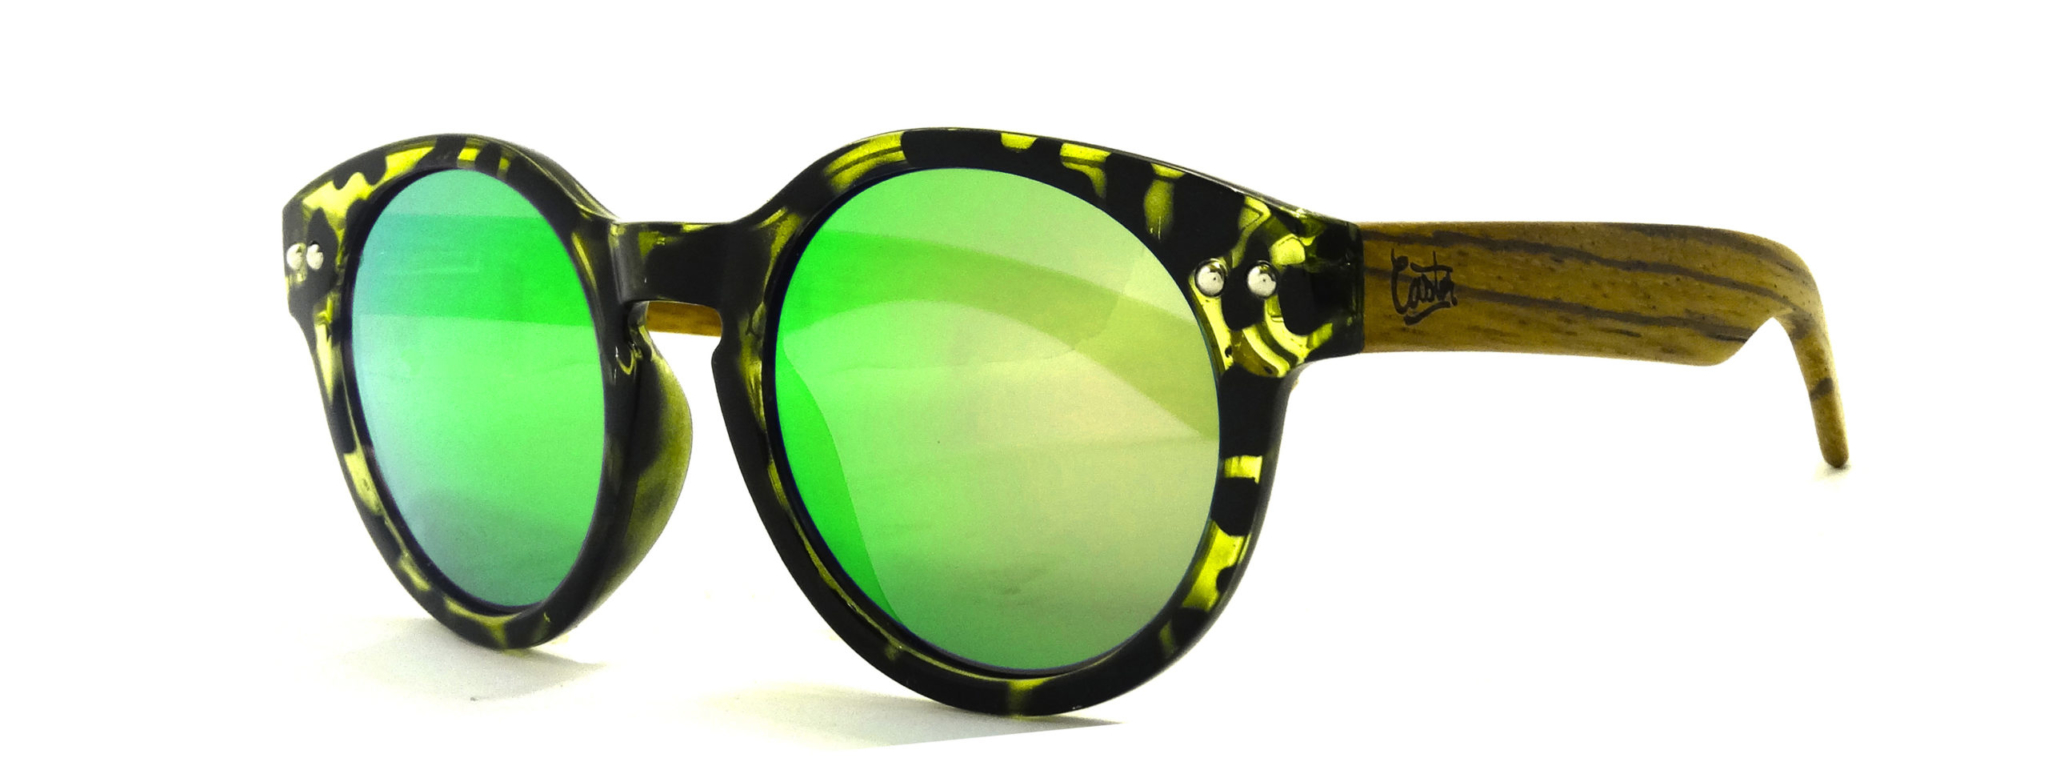 ad6500bb-75b-gafas-de-sol